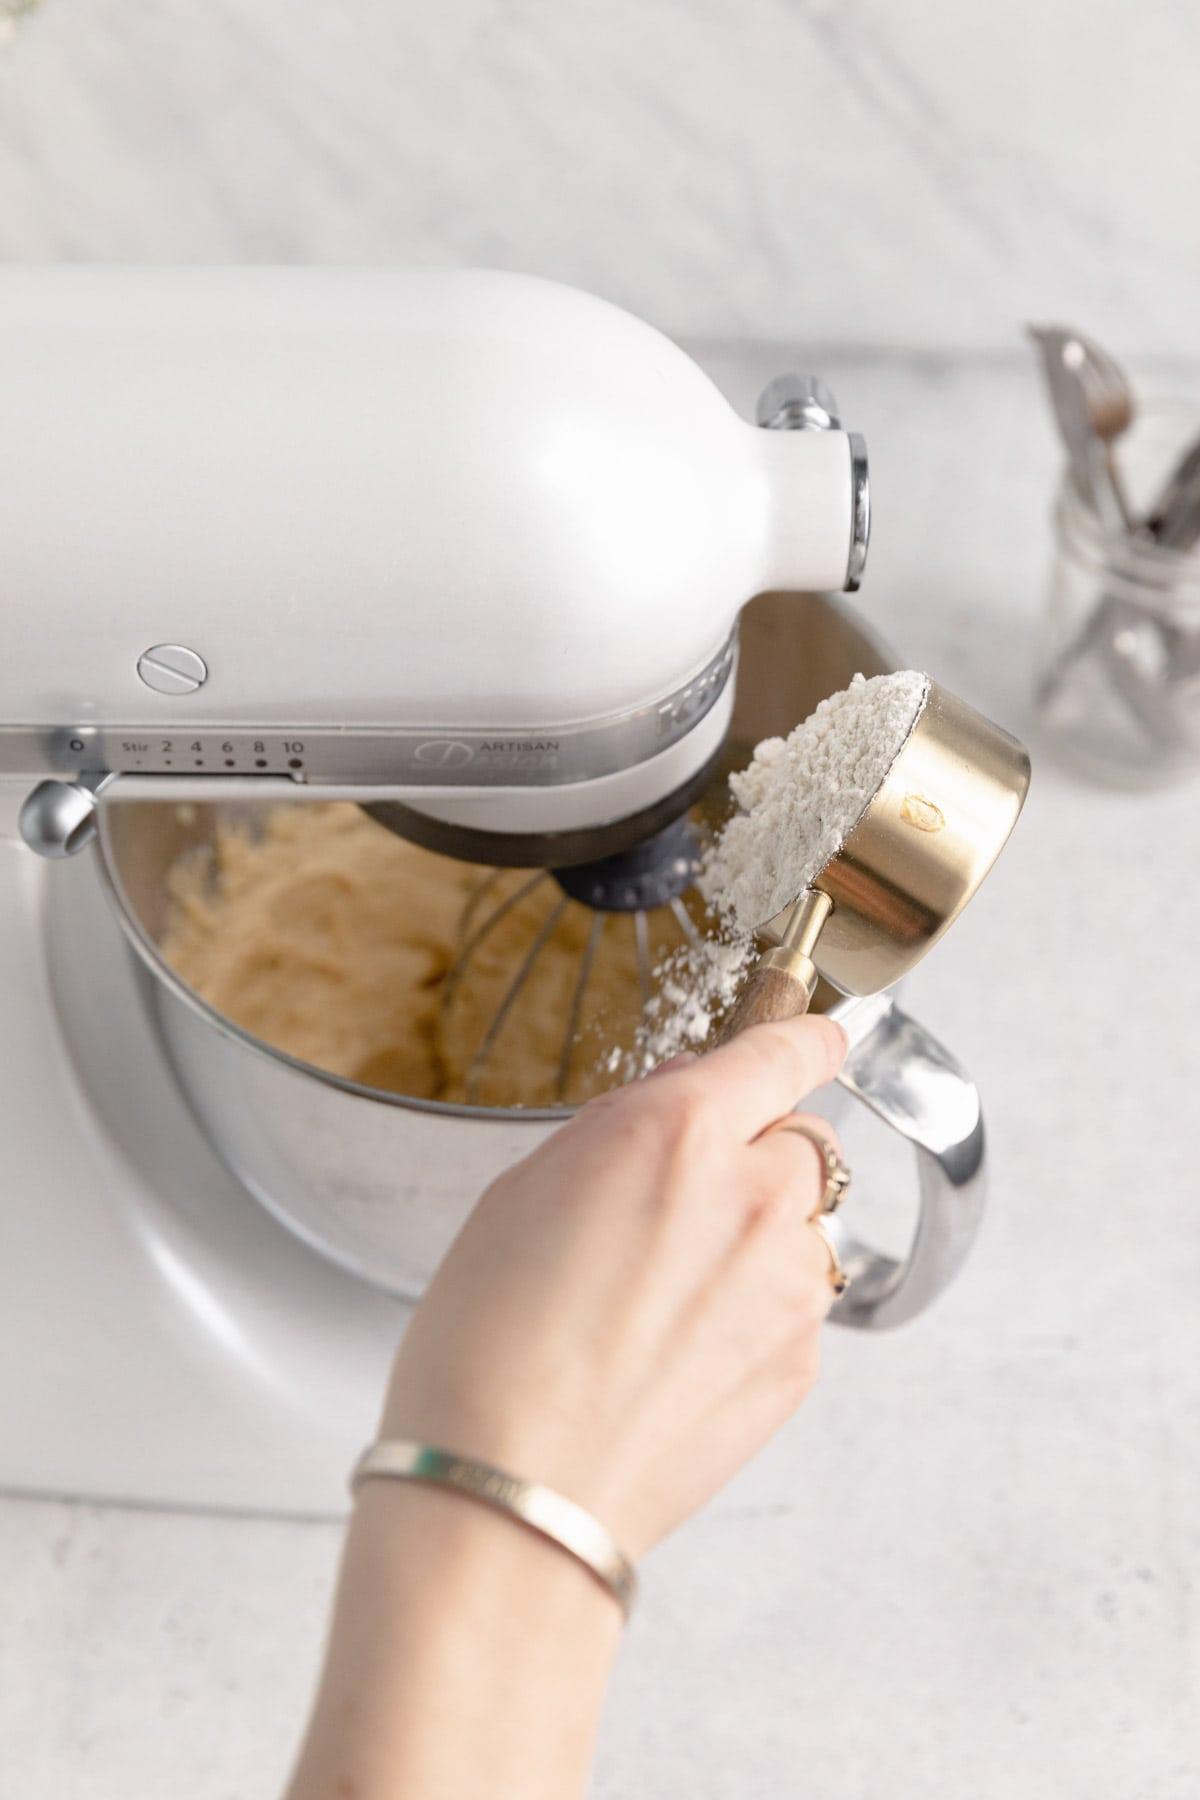 farine entrant dans le mélangeur